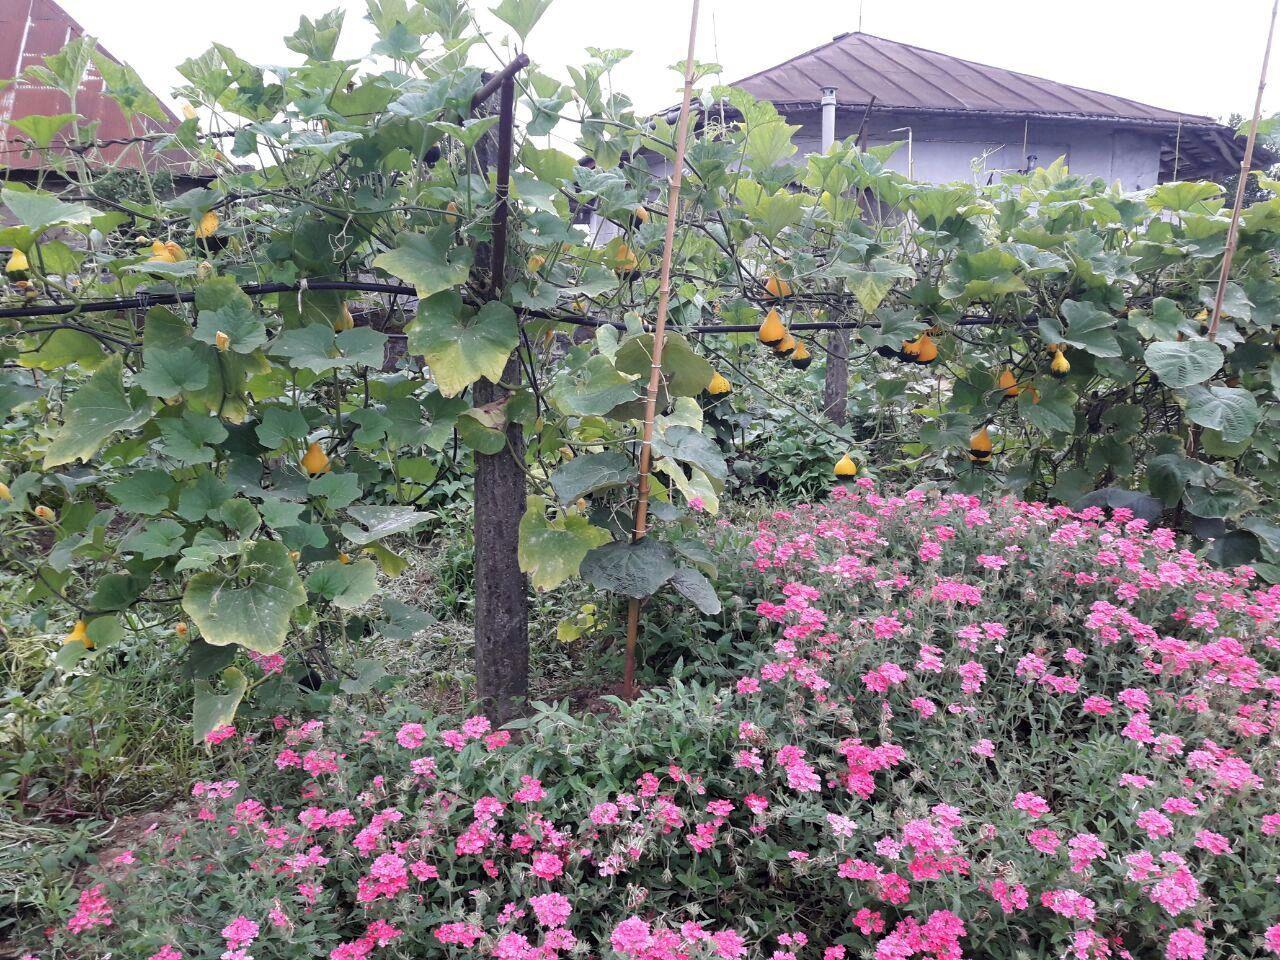 ابتکار کشاورزی در کشت توام چند محصول